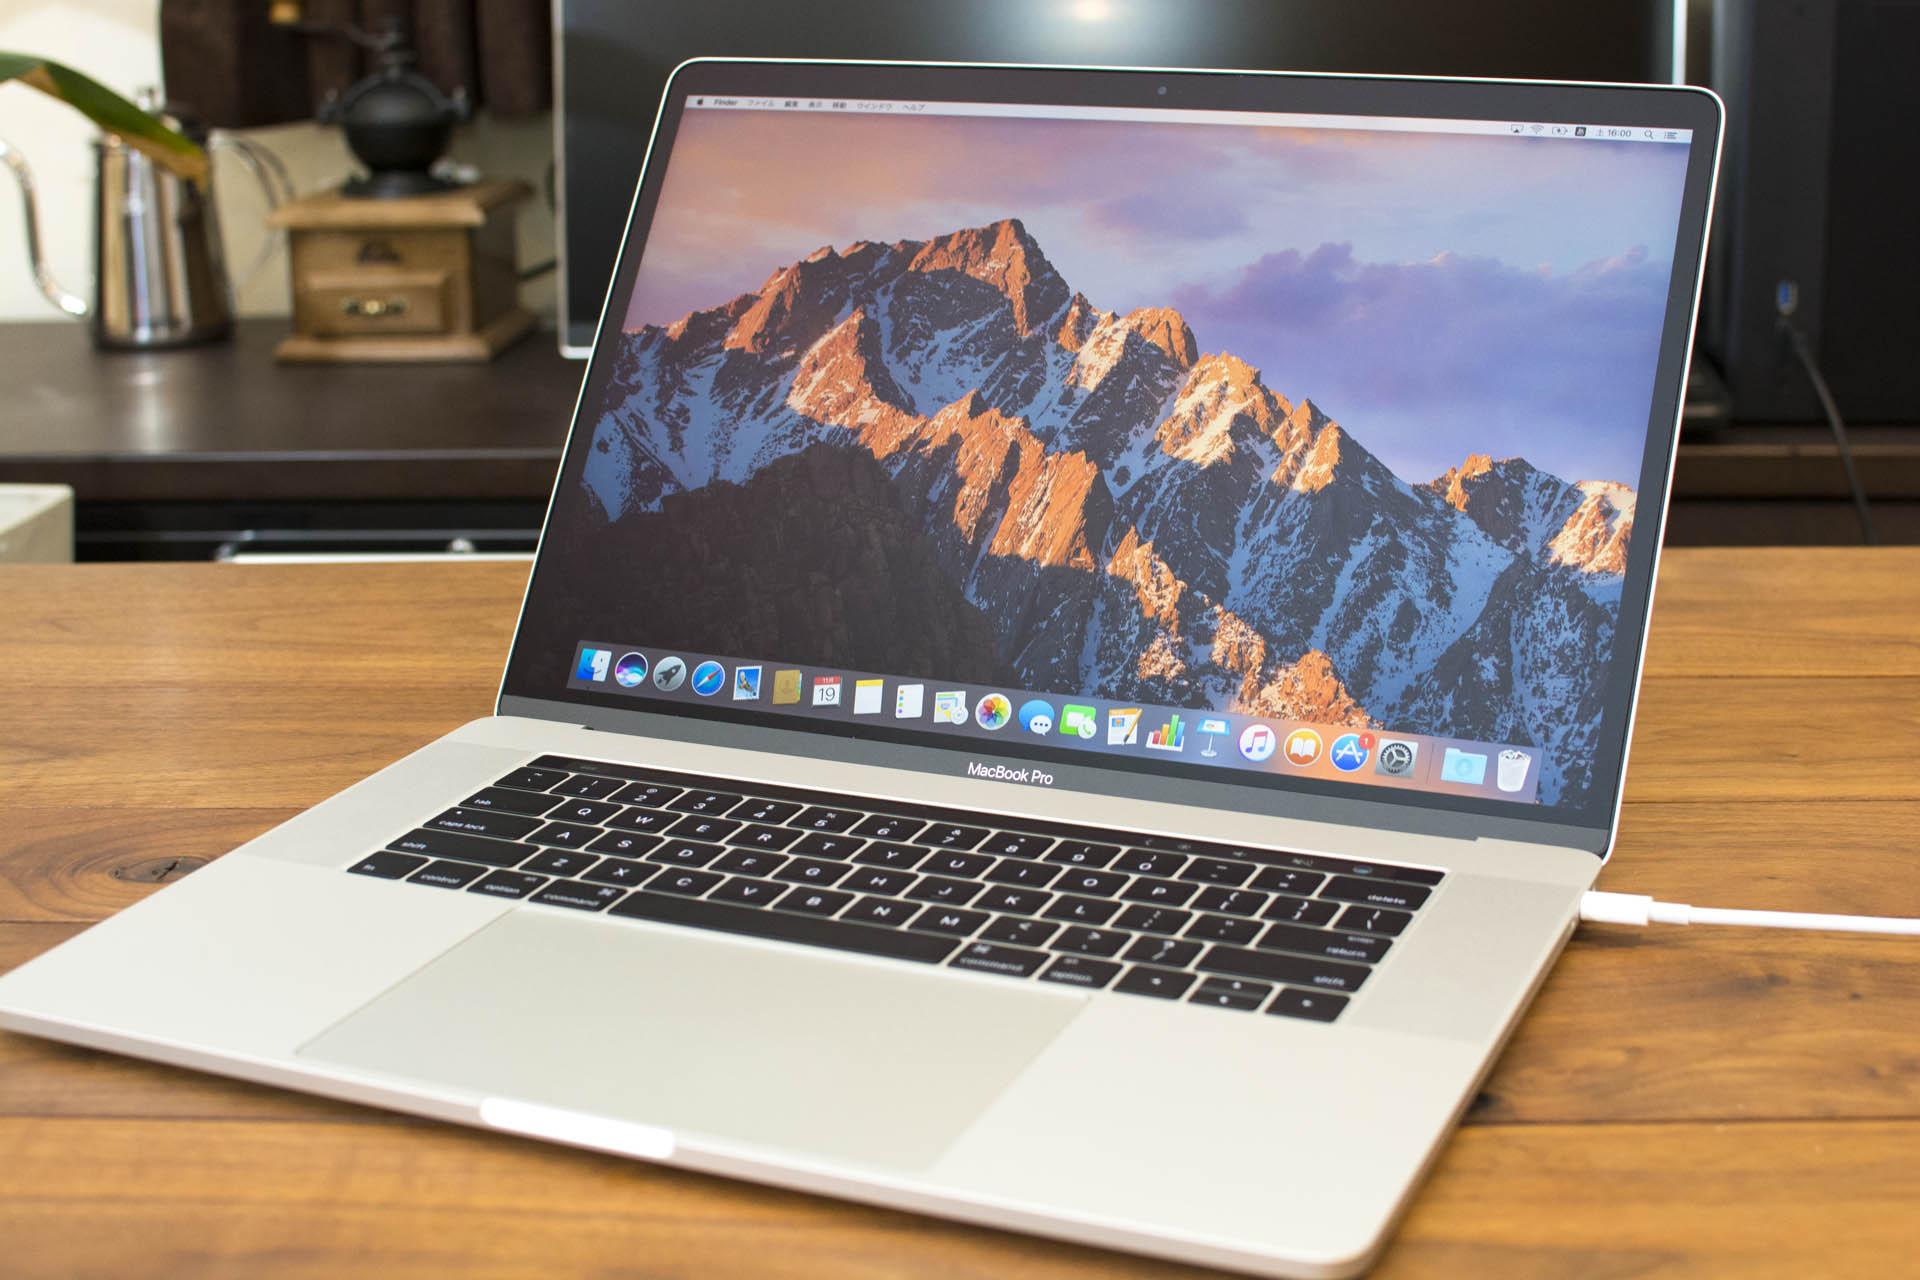 新型MacBook Pro15インチ(Late2016)開封の儀 【高画質】